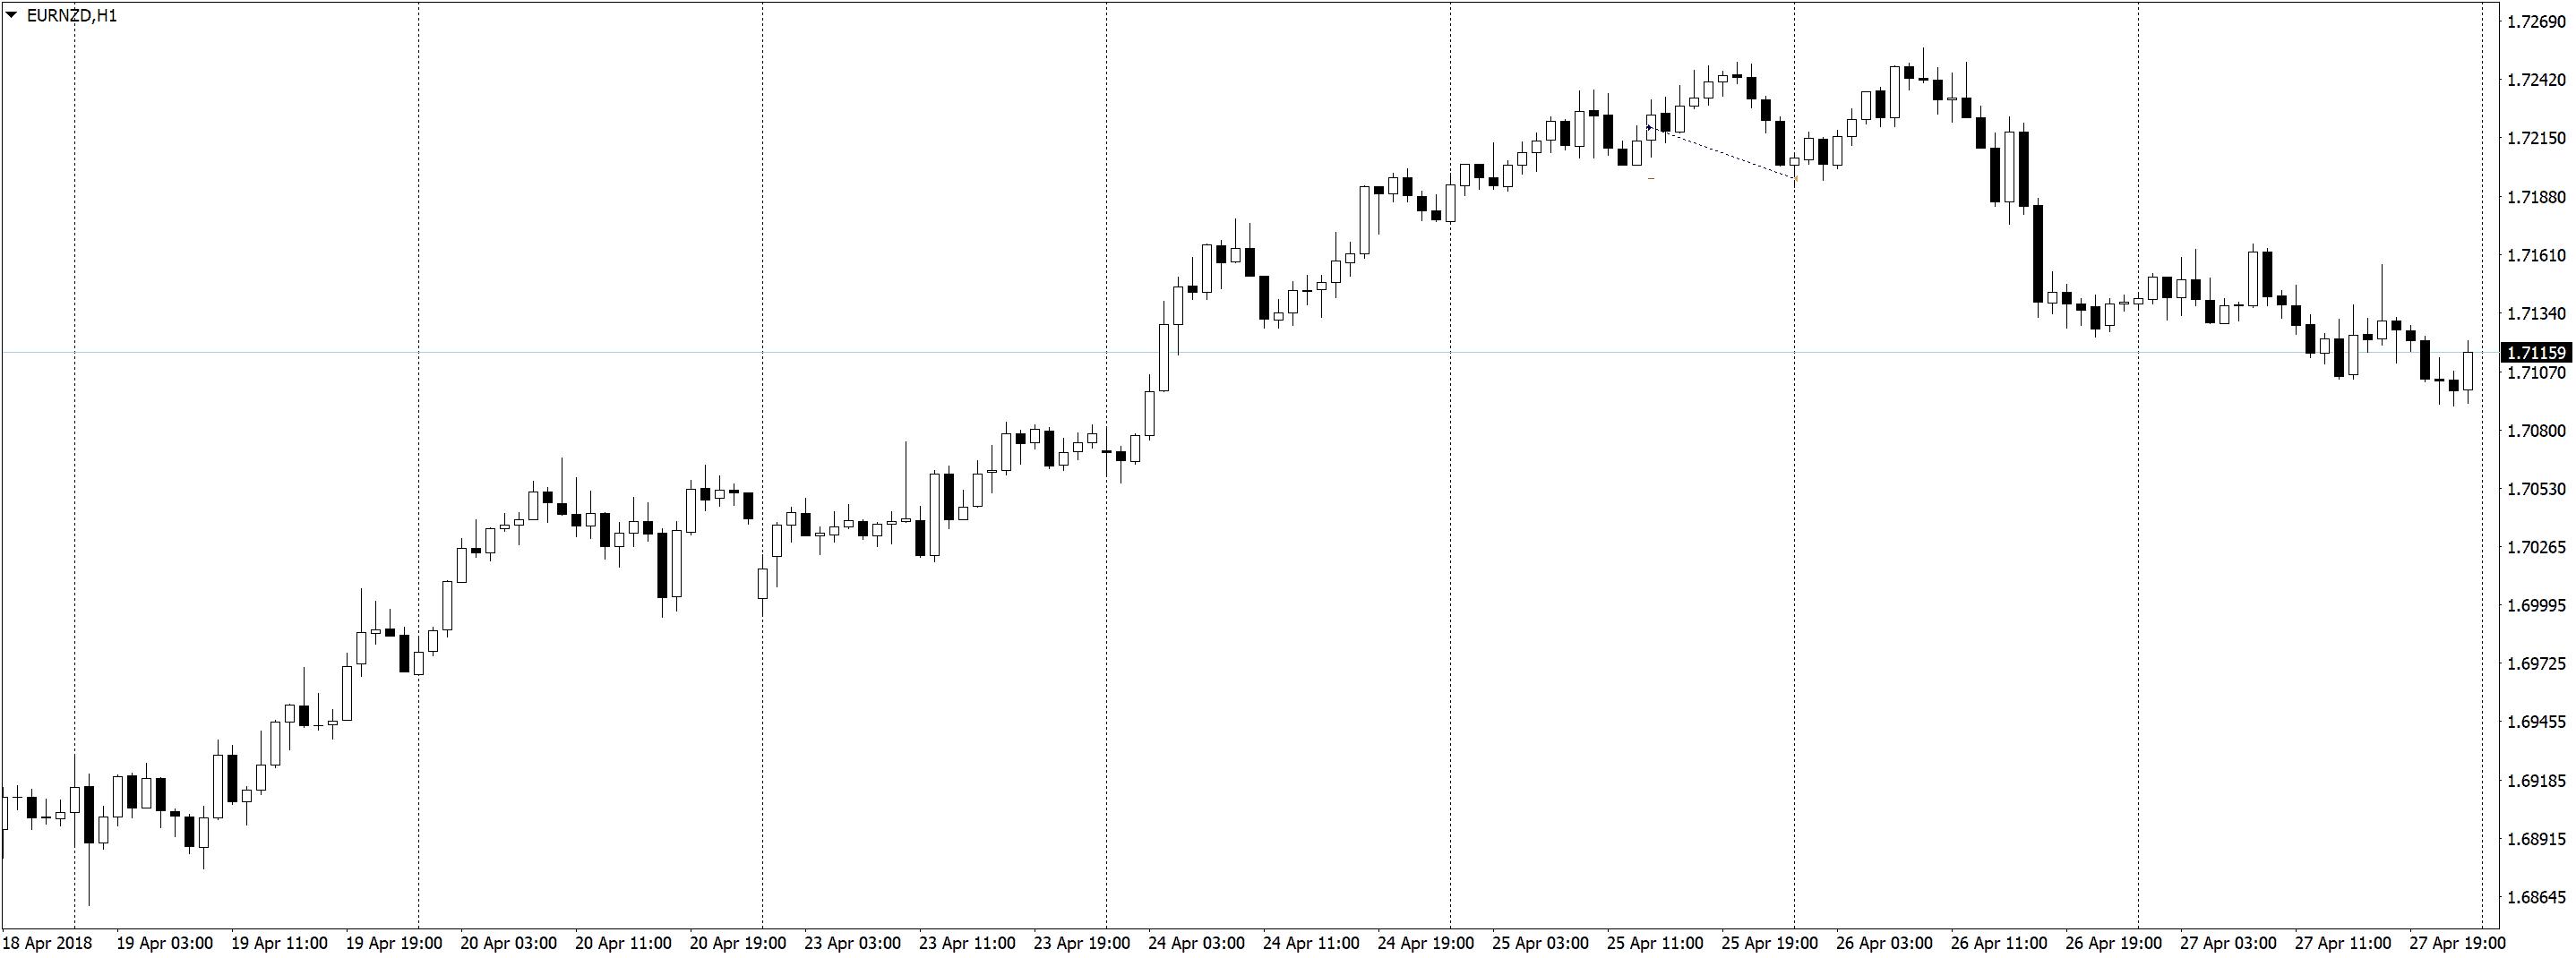 EURNZDH1 Трейдинг по часовым графикам, немного сделок, спокойная торговля